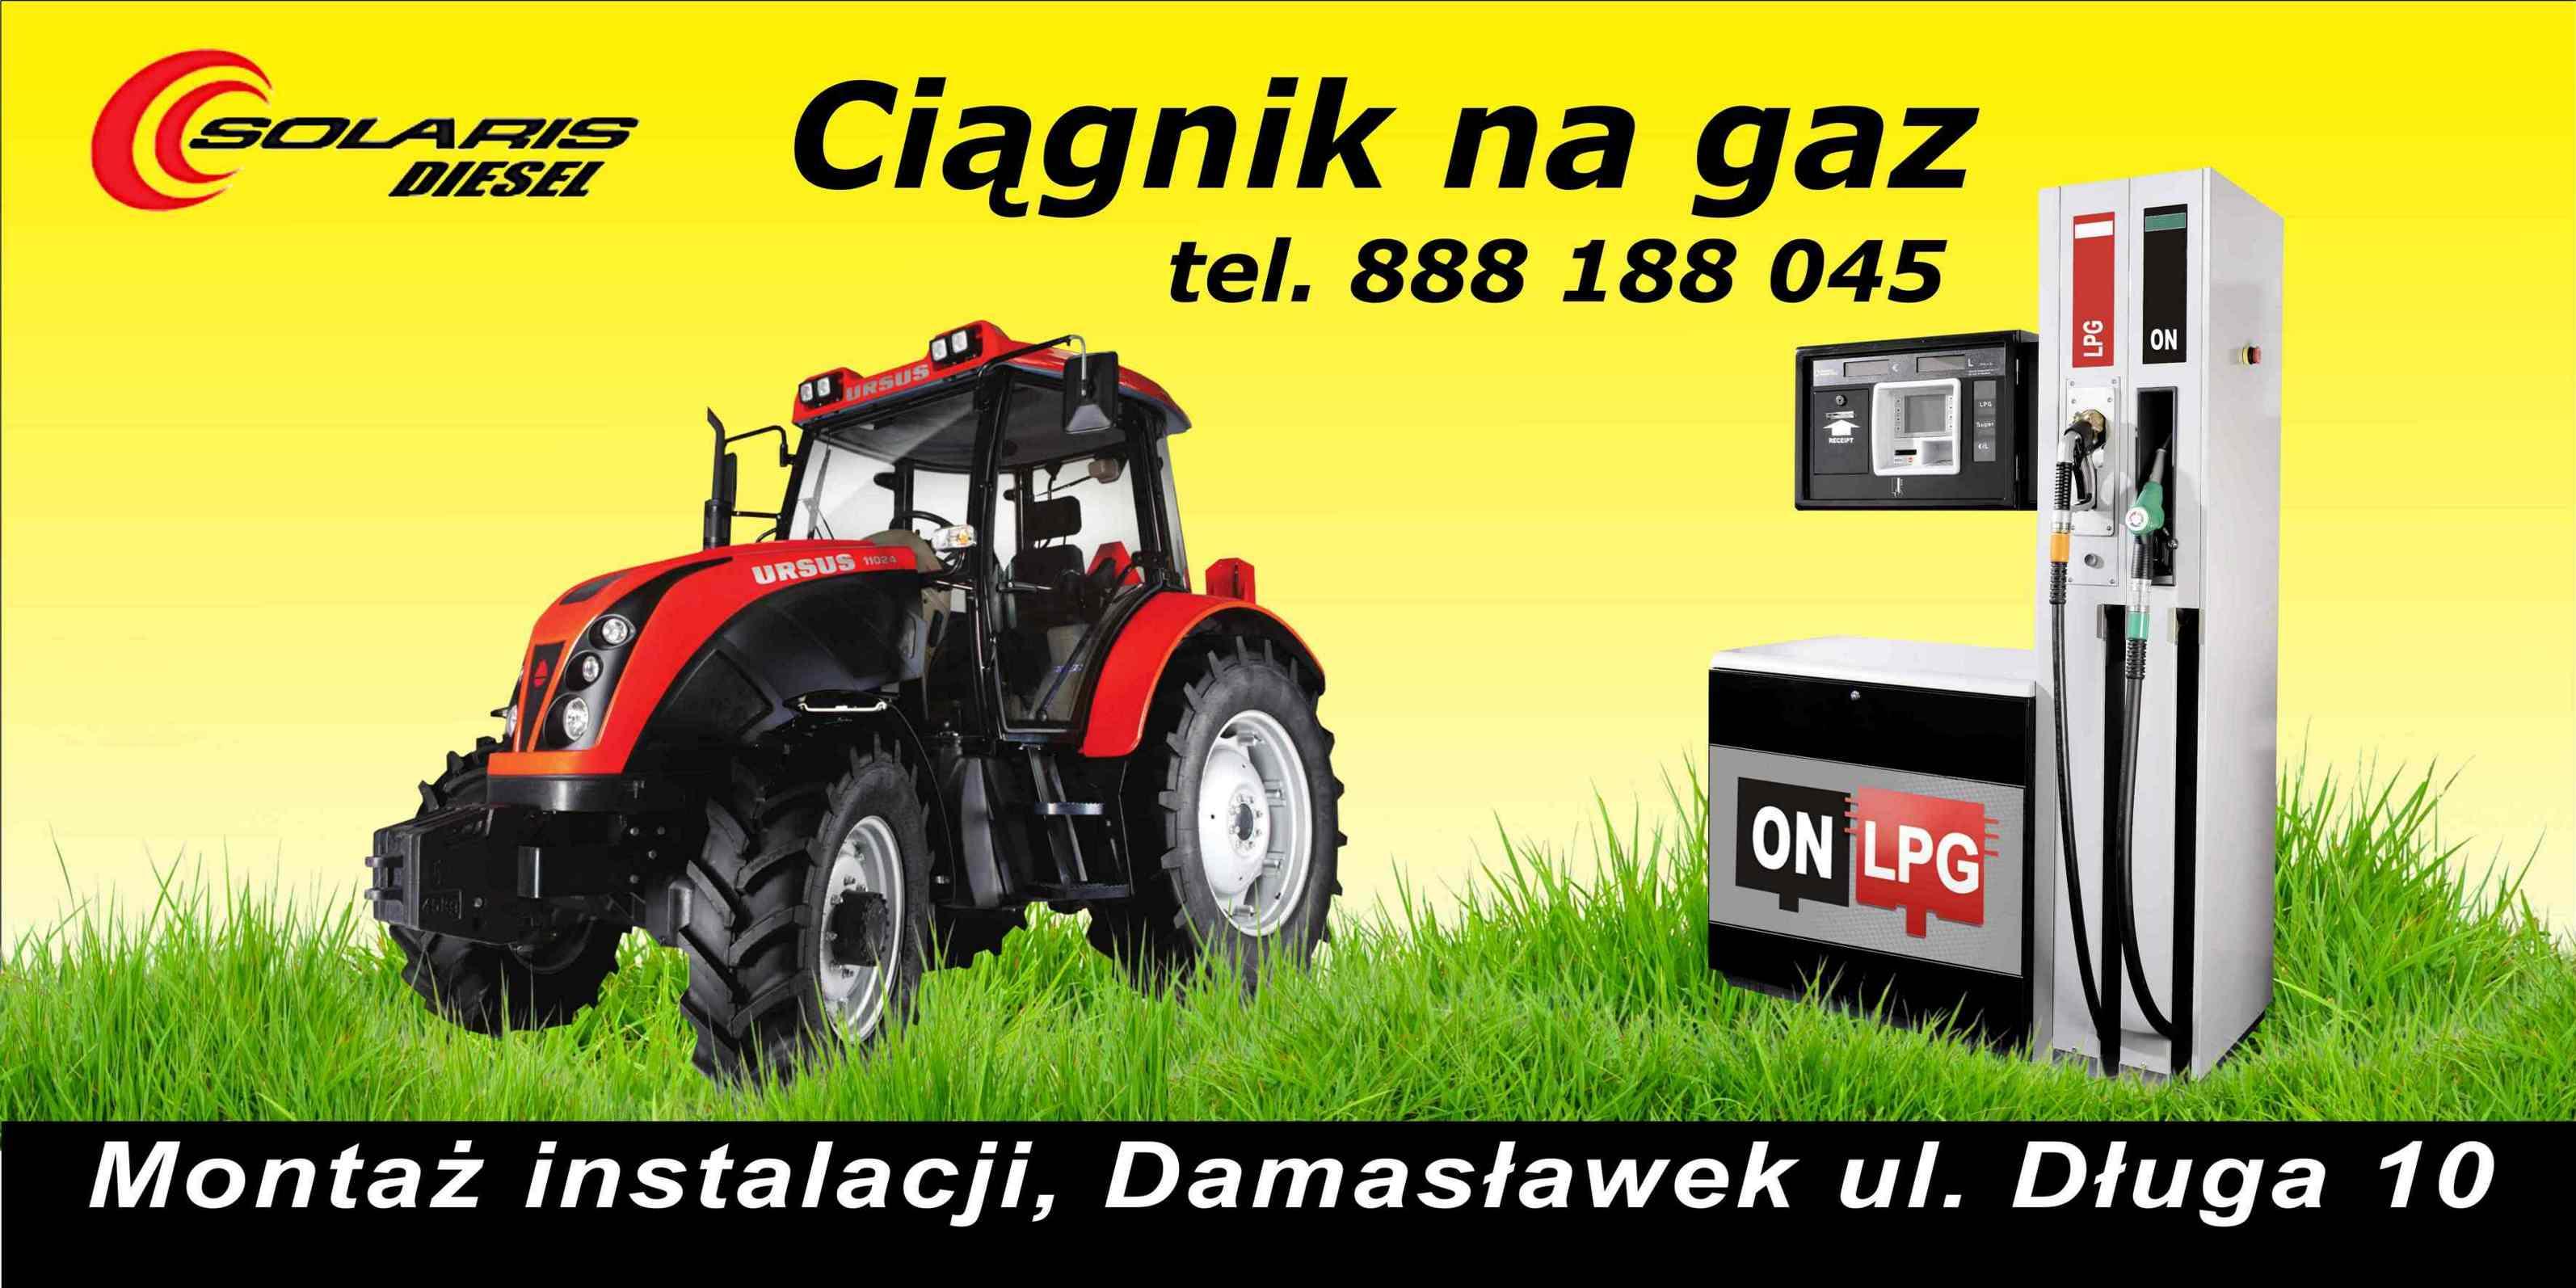 Ciągnik na GAZ LPG Montaż instalacji gazowych